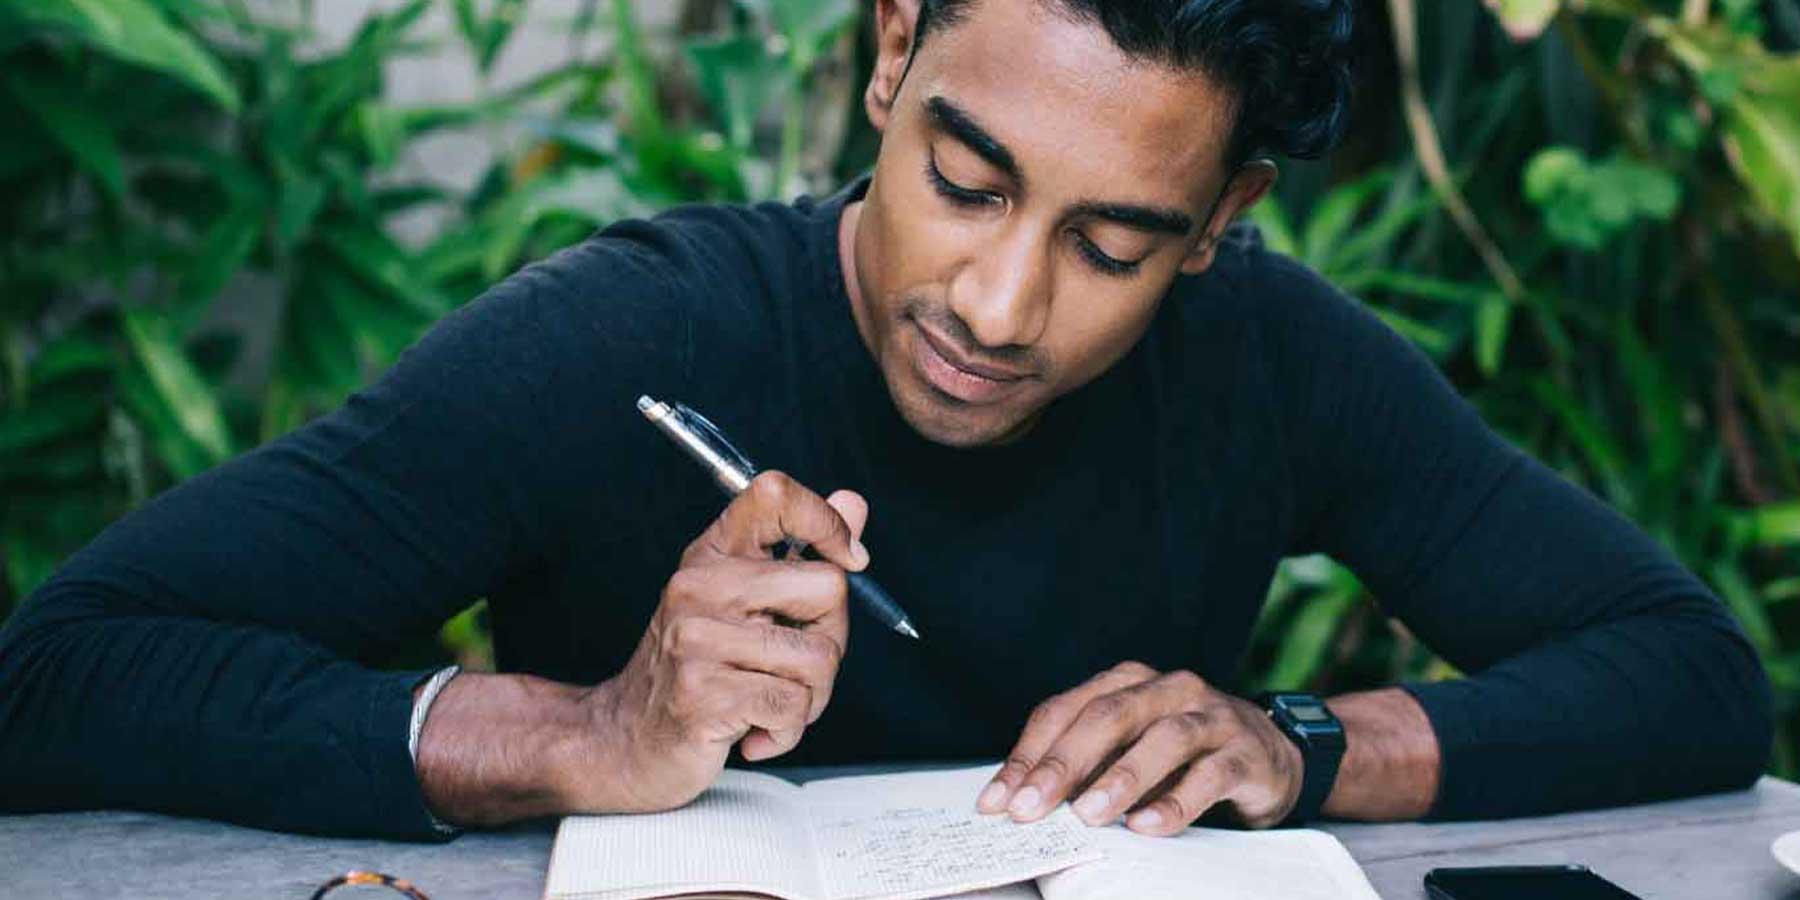 Radhakrishnan Pillai on How to Follow an Active Lifestyle